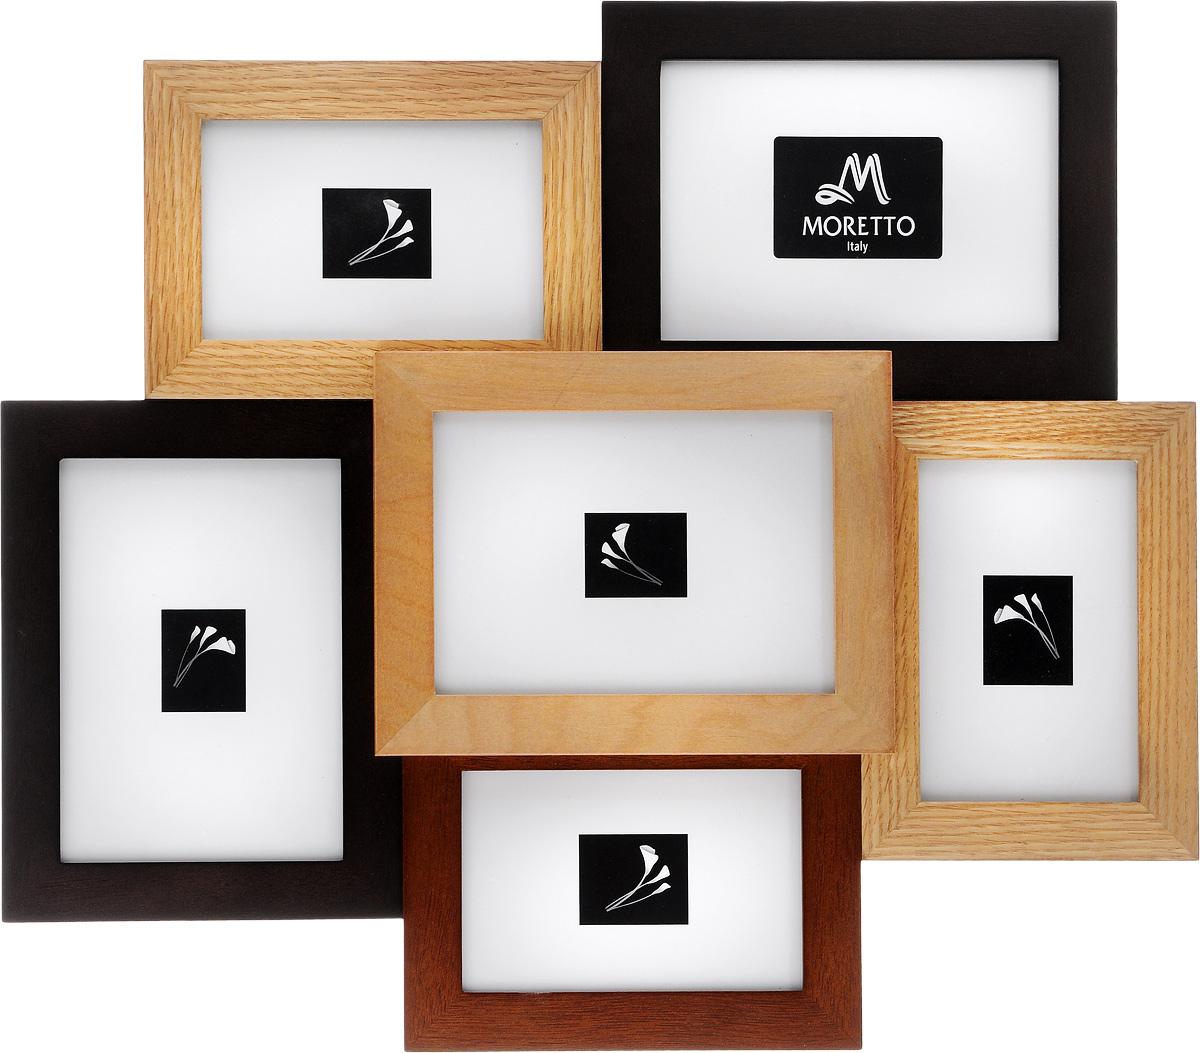 Фоторамка Moretto, на 6 фотоPlatinum JW17-206 ТУРИН-СЛОНОВАЯ КОСТЬ 21x30Фоторамка Moretto отлично дополнит интерьер помещения и поможет сохранить на память ваши любимые фотографии. Фоторамка выполнена из дерева и представляет собой коллаж из 6 прямоугольных рамочек с вертикальным и горизонтальным расположением фотографий. Изделие подвешивается к стене. Такая рамка позволит сохранить на память изображения дорогих вам людей и интересных событий вашей жизни, а также станет приятным подарком для каждого.Размер рамок:- 3 фоторамки 25,7 х 16,9 см для фото 12 х 17 см,- 3 фоторамки 14,2 х 19,2 см для фото 10 х 15 см.Общий размер фоторамки: 51 х 44 см.